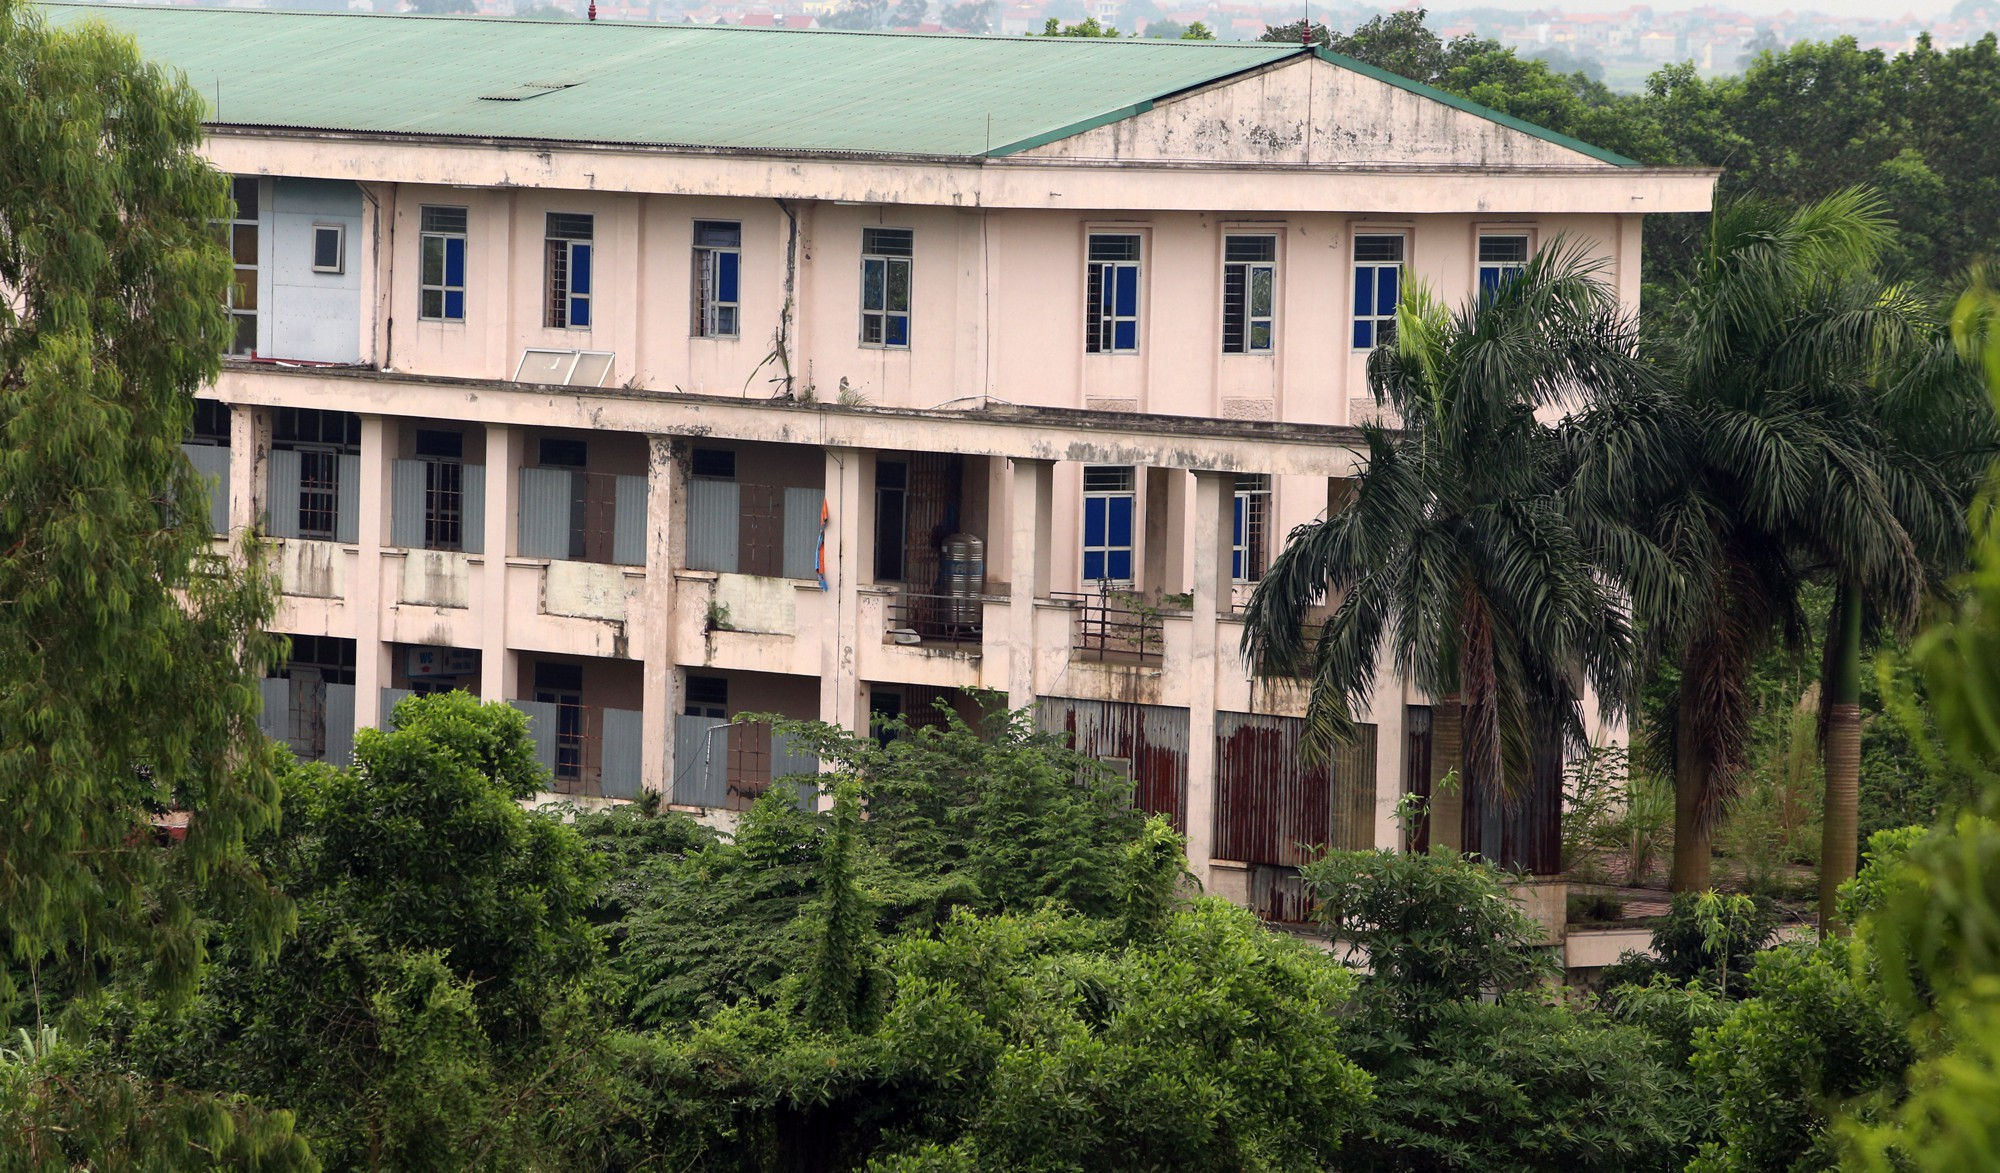 Bệnh viện qui mô 1.000 giường ở Hà Nội thành nơi nuôi gà - Ảnh 10.